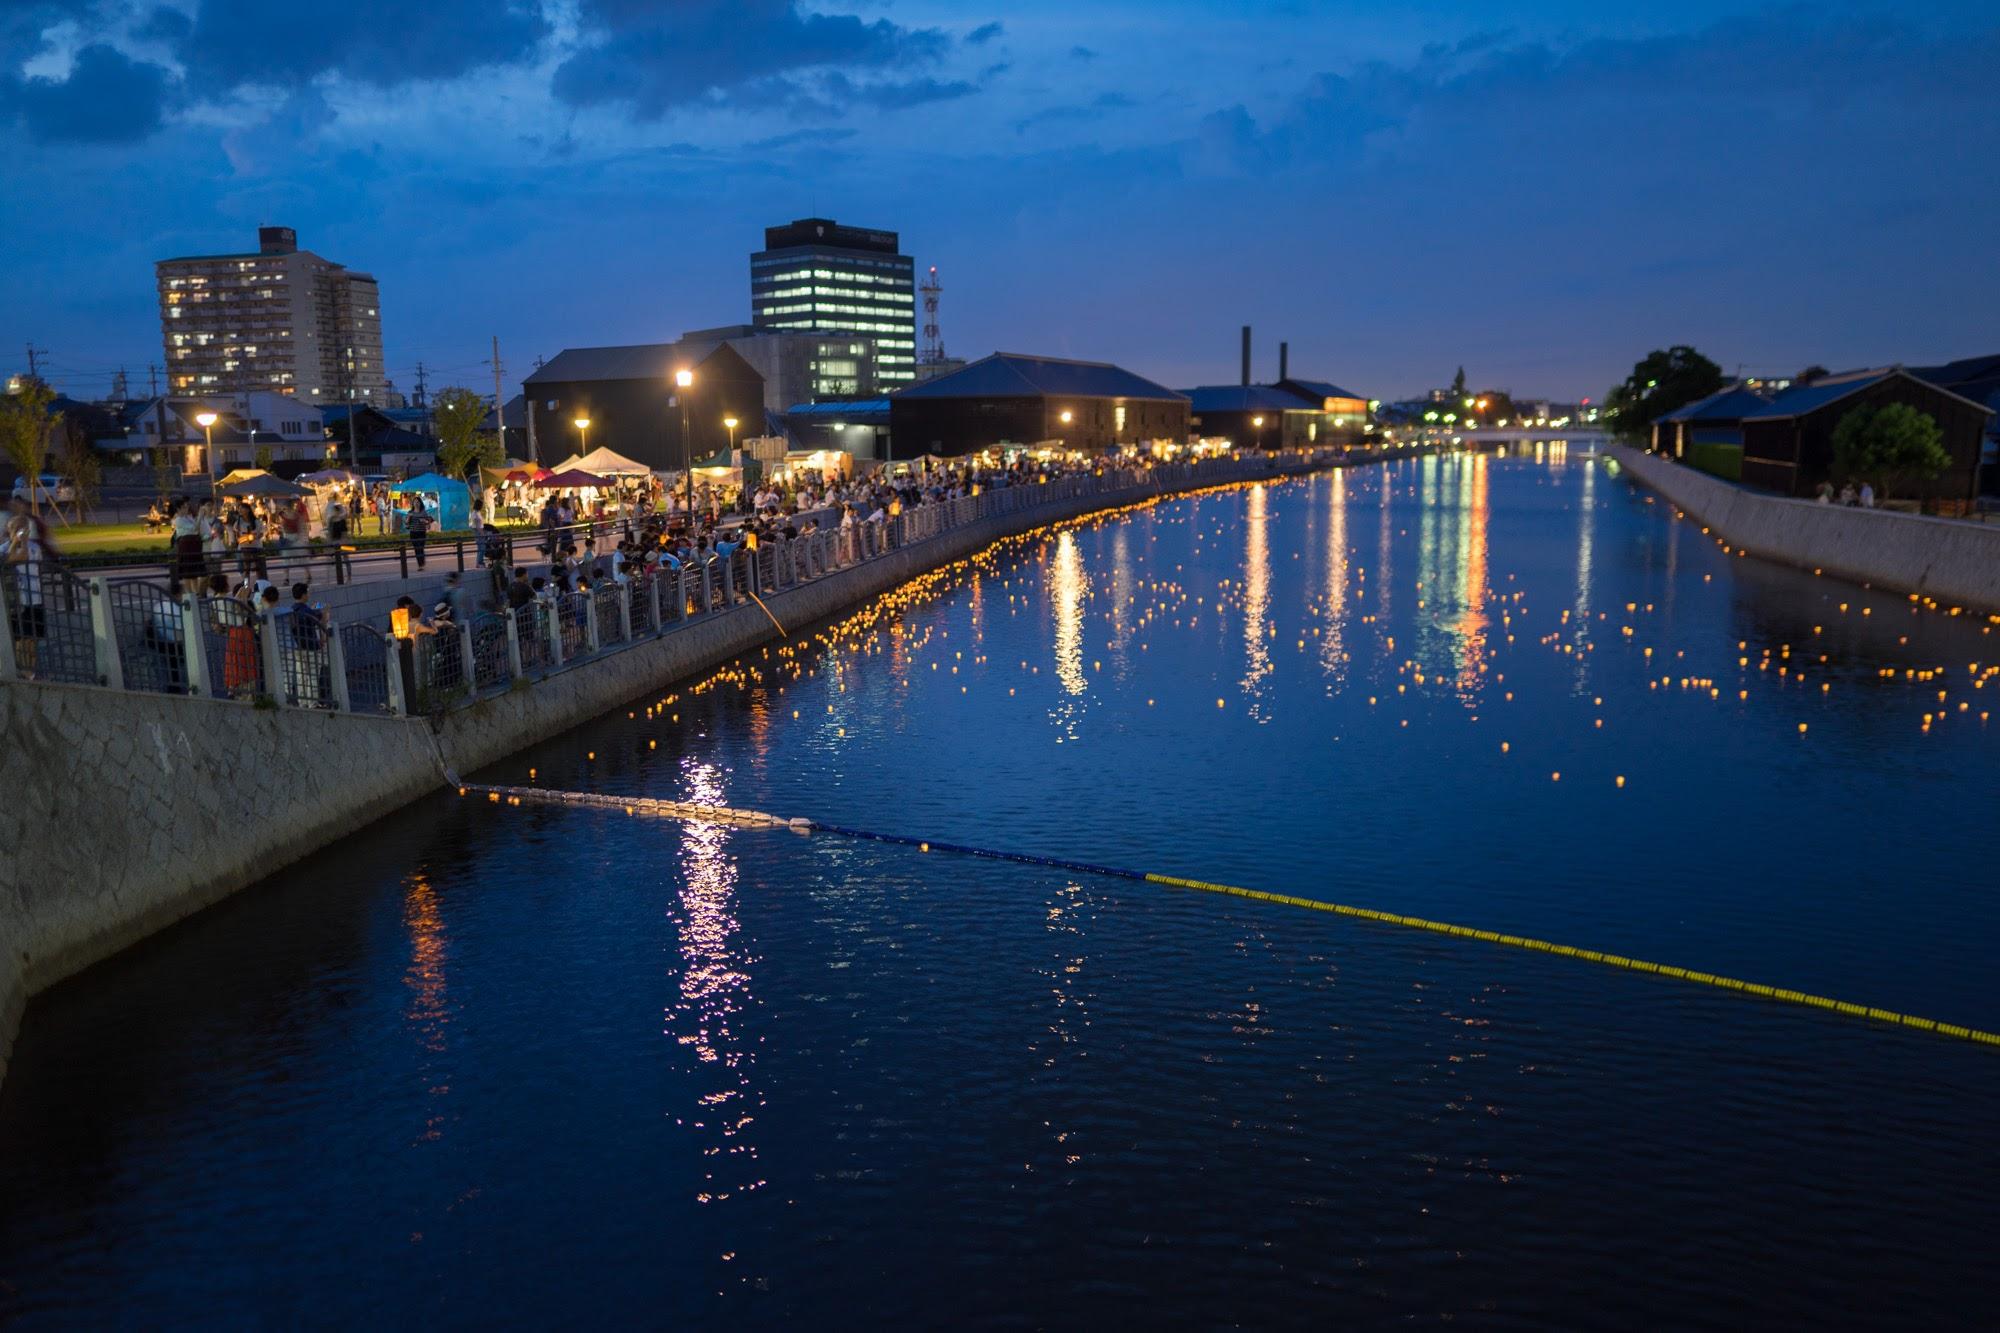 半田運河Canal Night